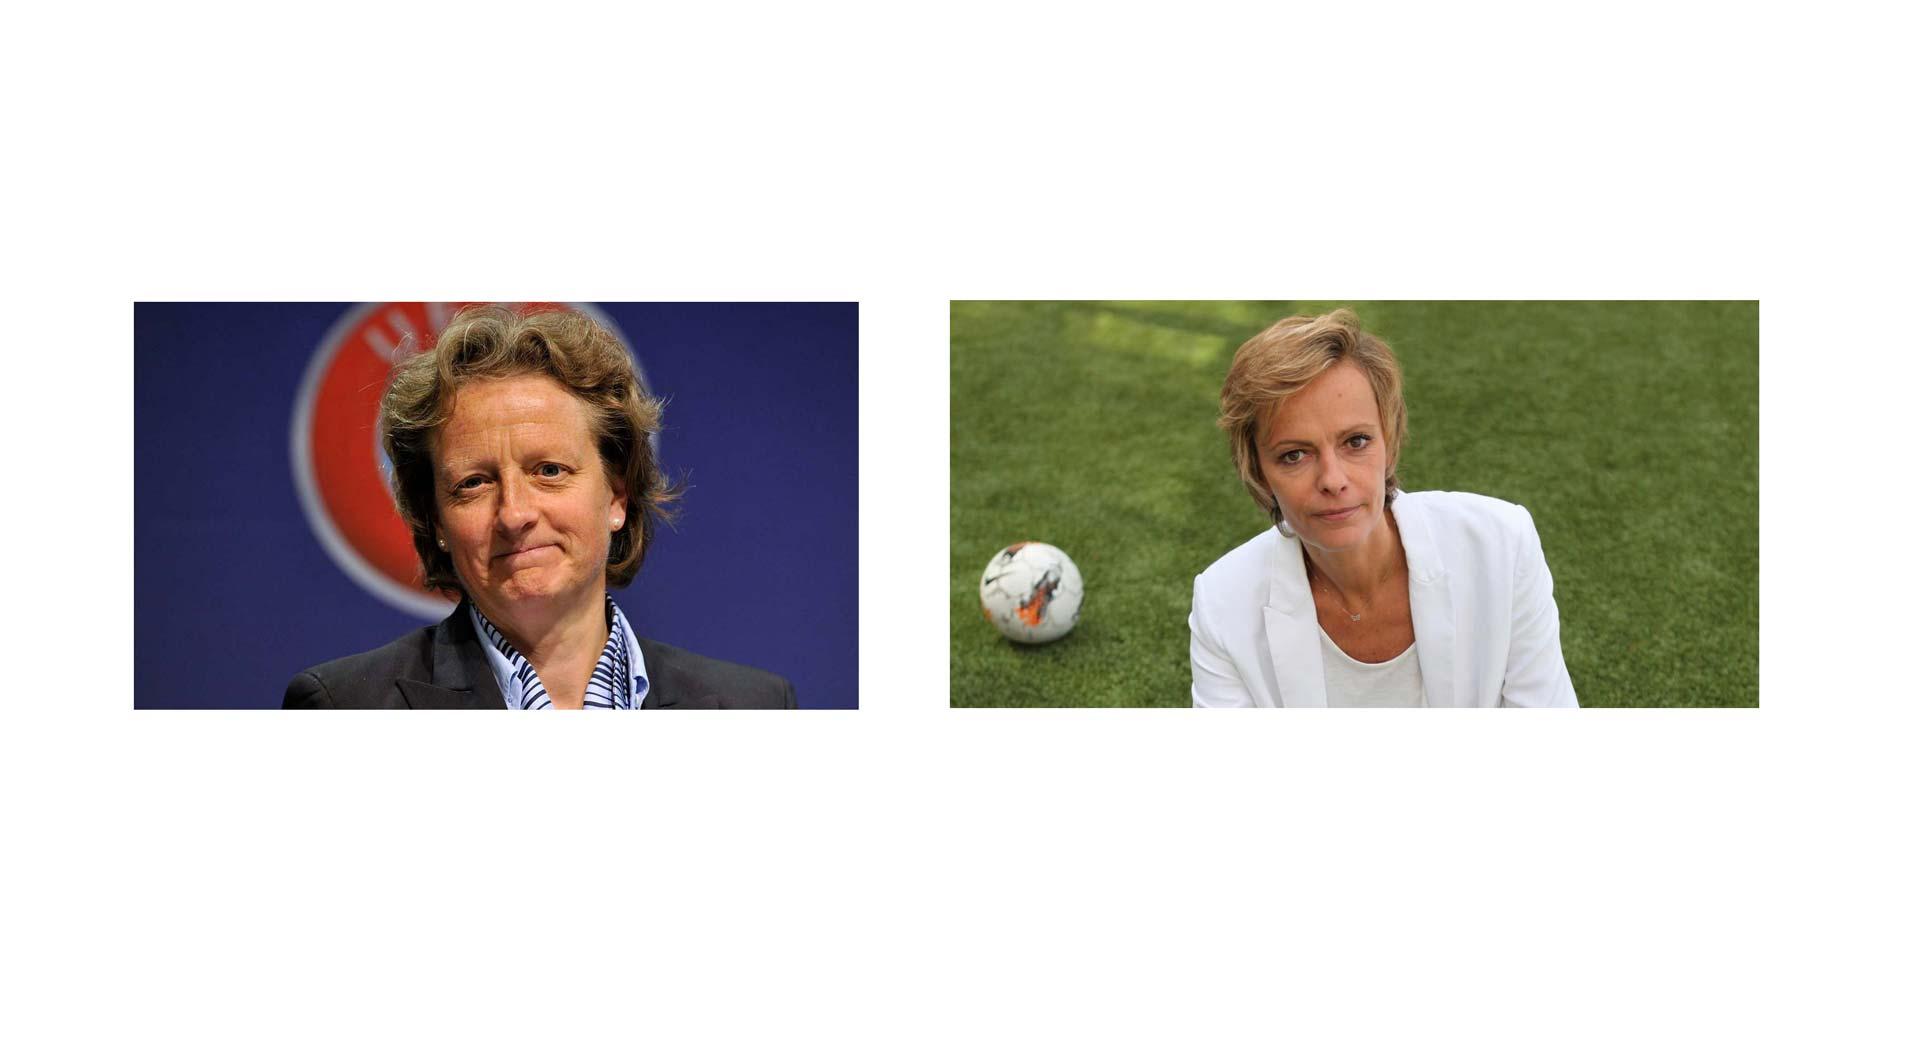 UEFA ya tiene a sus dos candidatas para la primera elección de una fémina en el comité ejecutivo del ente rector del fútbol europeo